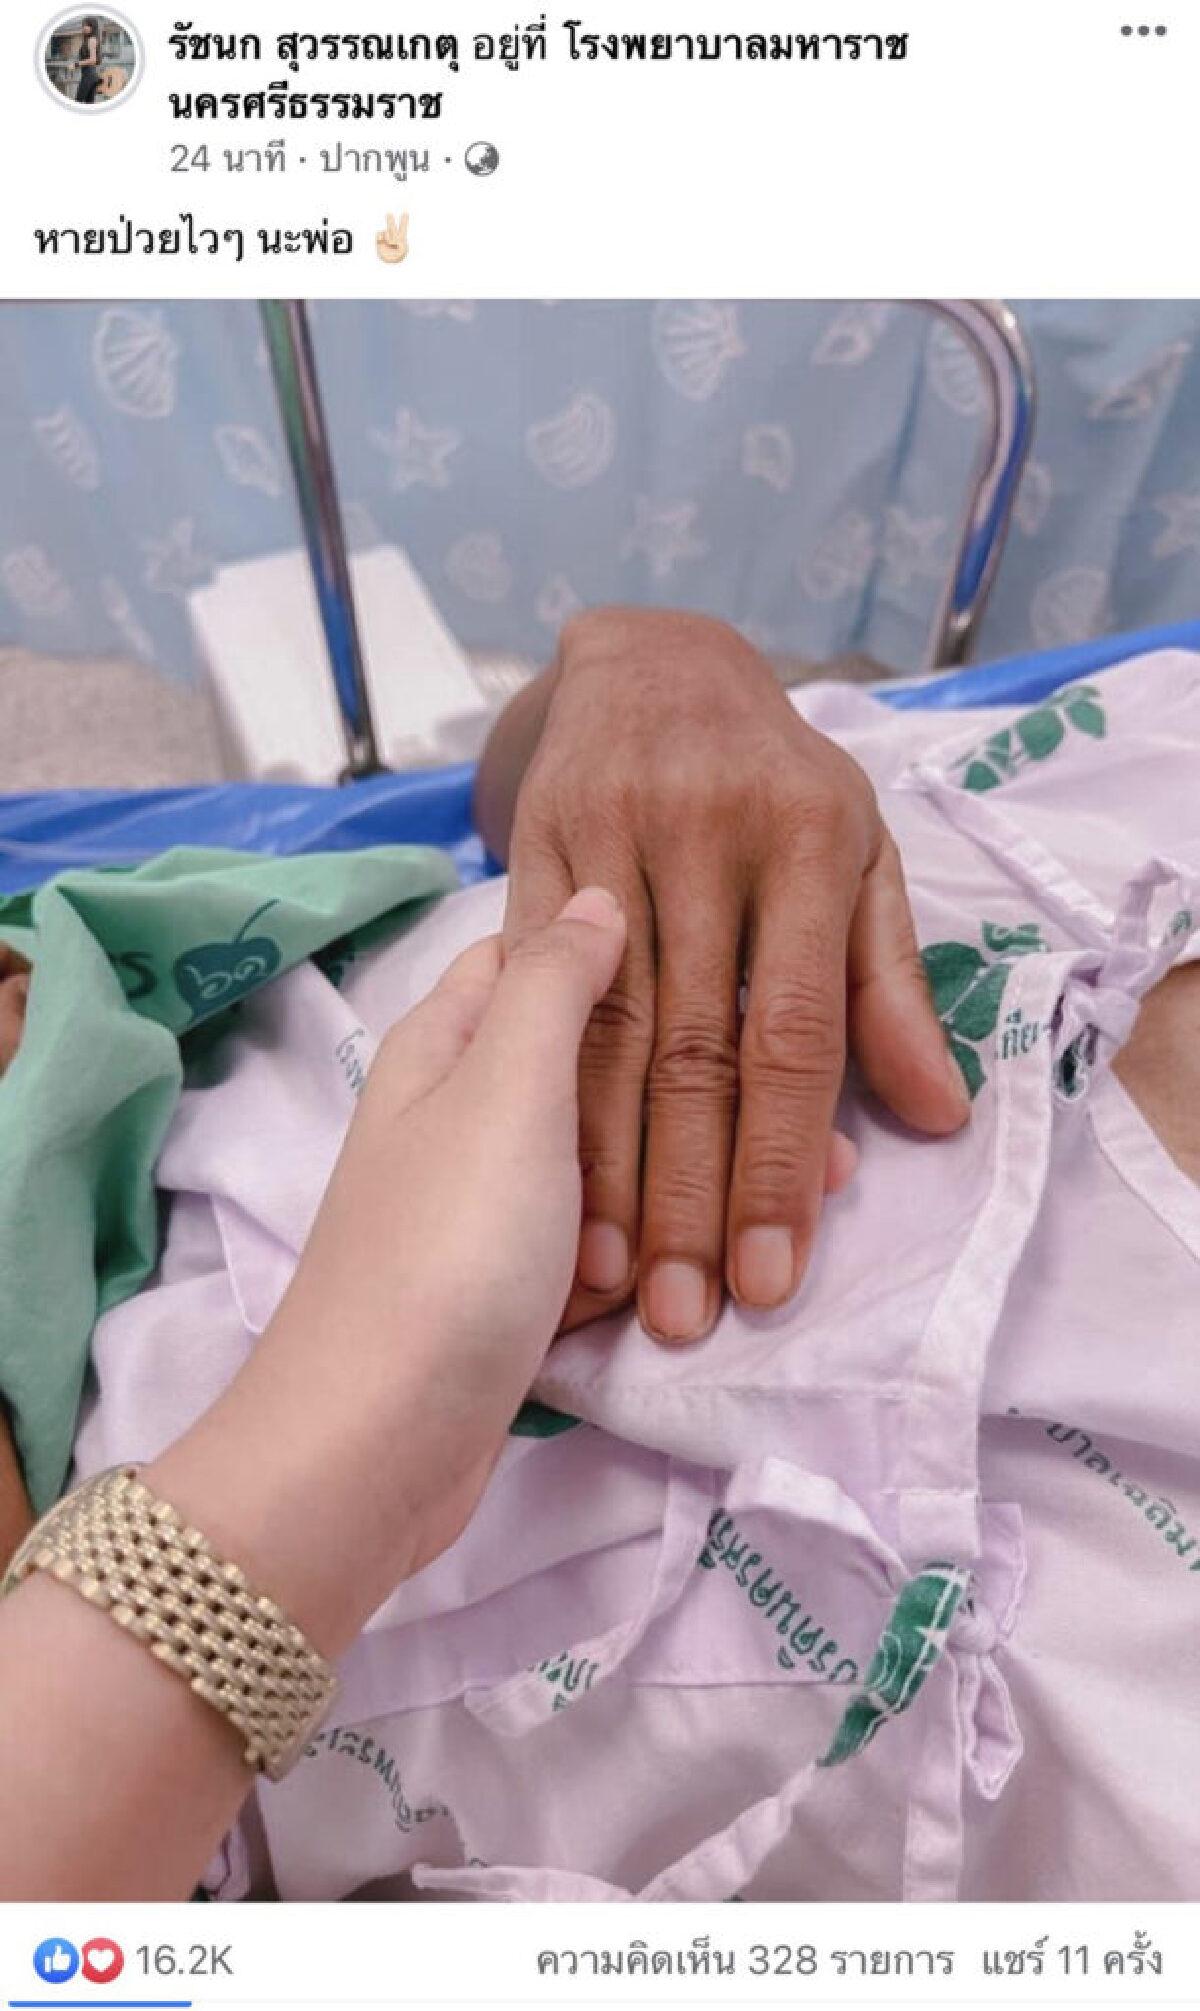 เจนนี่ ได้หมดถ้าสดชื่น ส่งเงินช่วยค่ารักษา พ่อบังเกิดเกล้า หลังป่วยหนักเข้าโรงพยาบาล